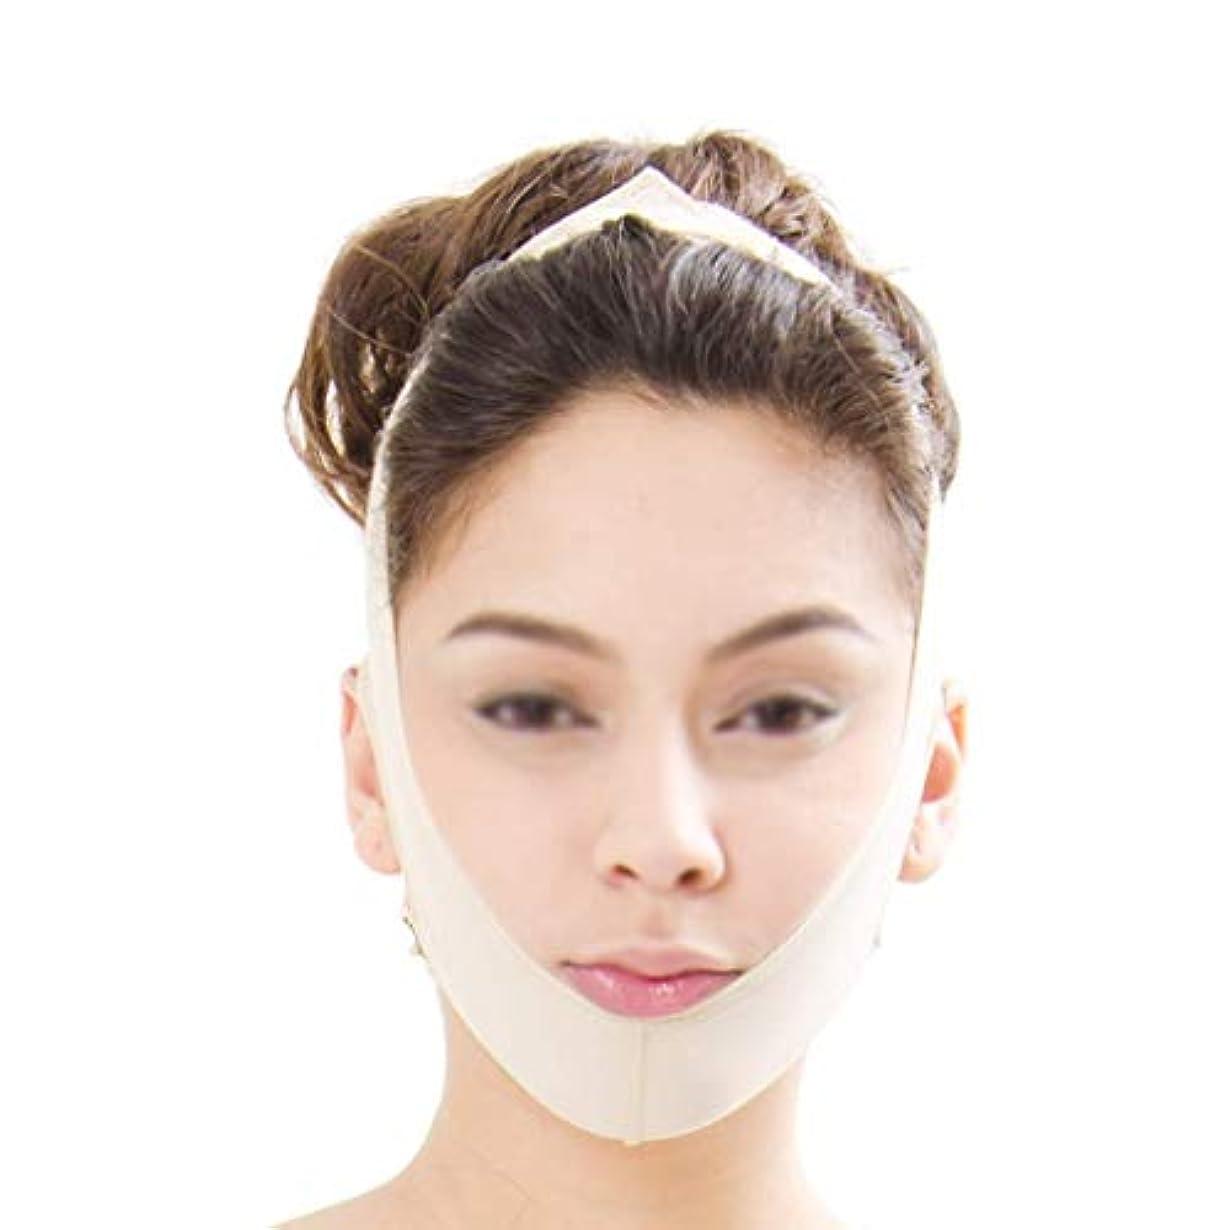 承認胴体法廷フェイススリミングバンデージ、フェイスリフティングマスク、フェイスリフティングバンデージ、フェイシャル減量マスク、ダブルチンケア減量(サイズ:M),ザ?